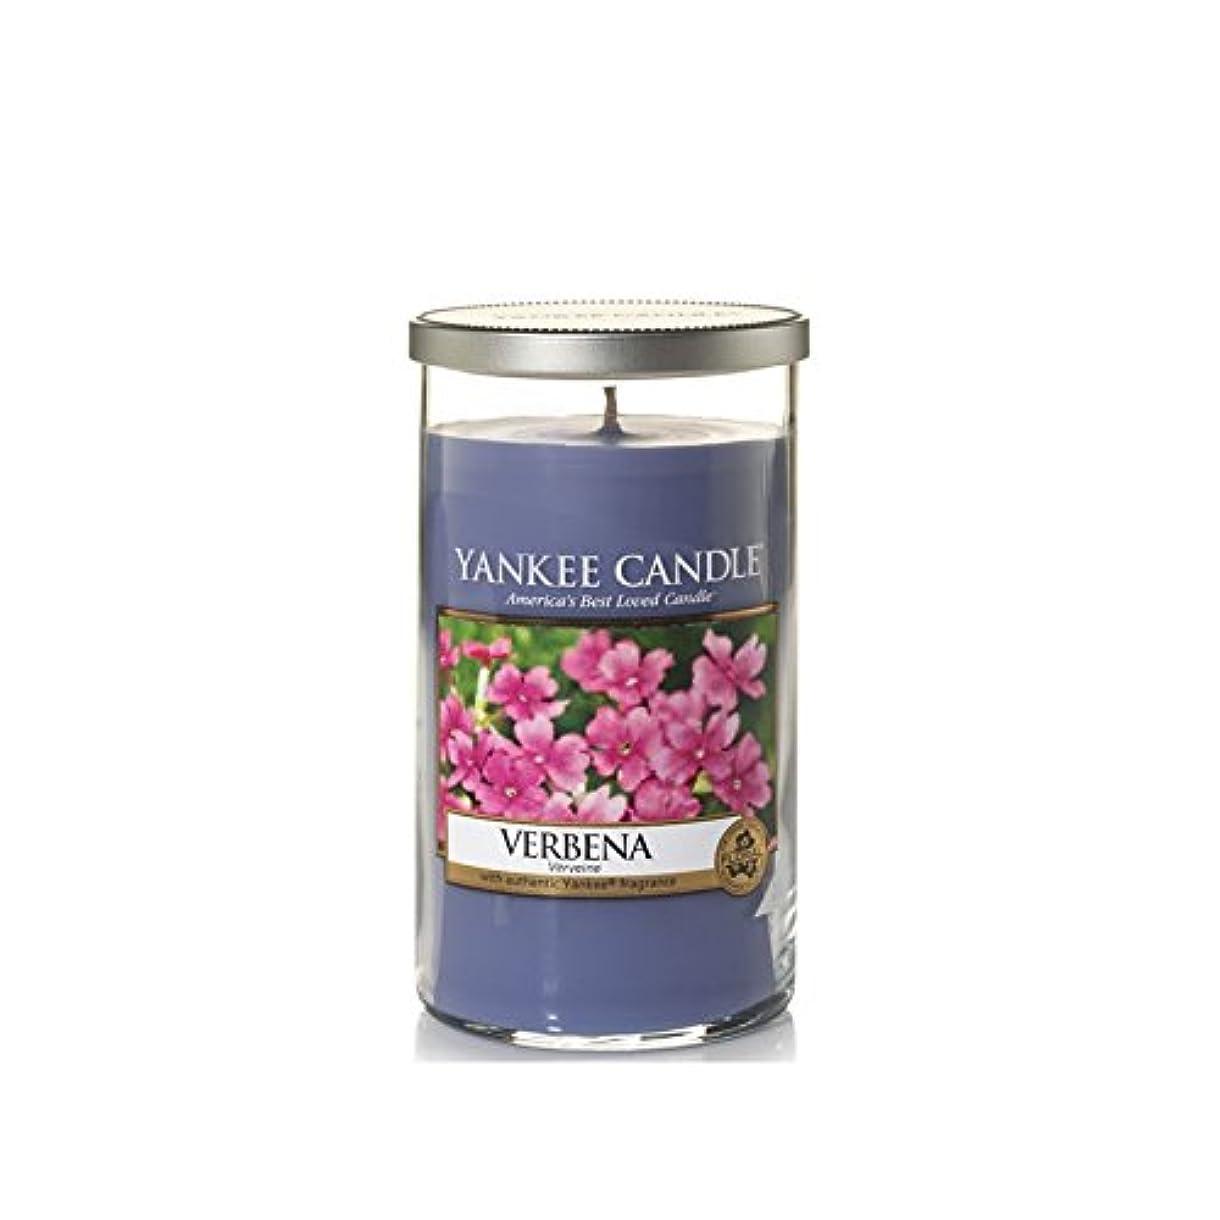 カールコーチ相対サイズヤンキーキャンドルメディアピラーキャンドル - バーベナ - Yankee Candles Medium Pillar Candle - Verbena (Yankee Candles) [並行輸入品]